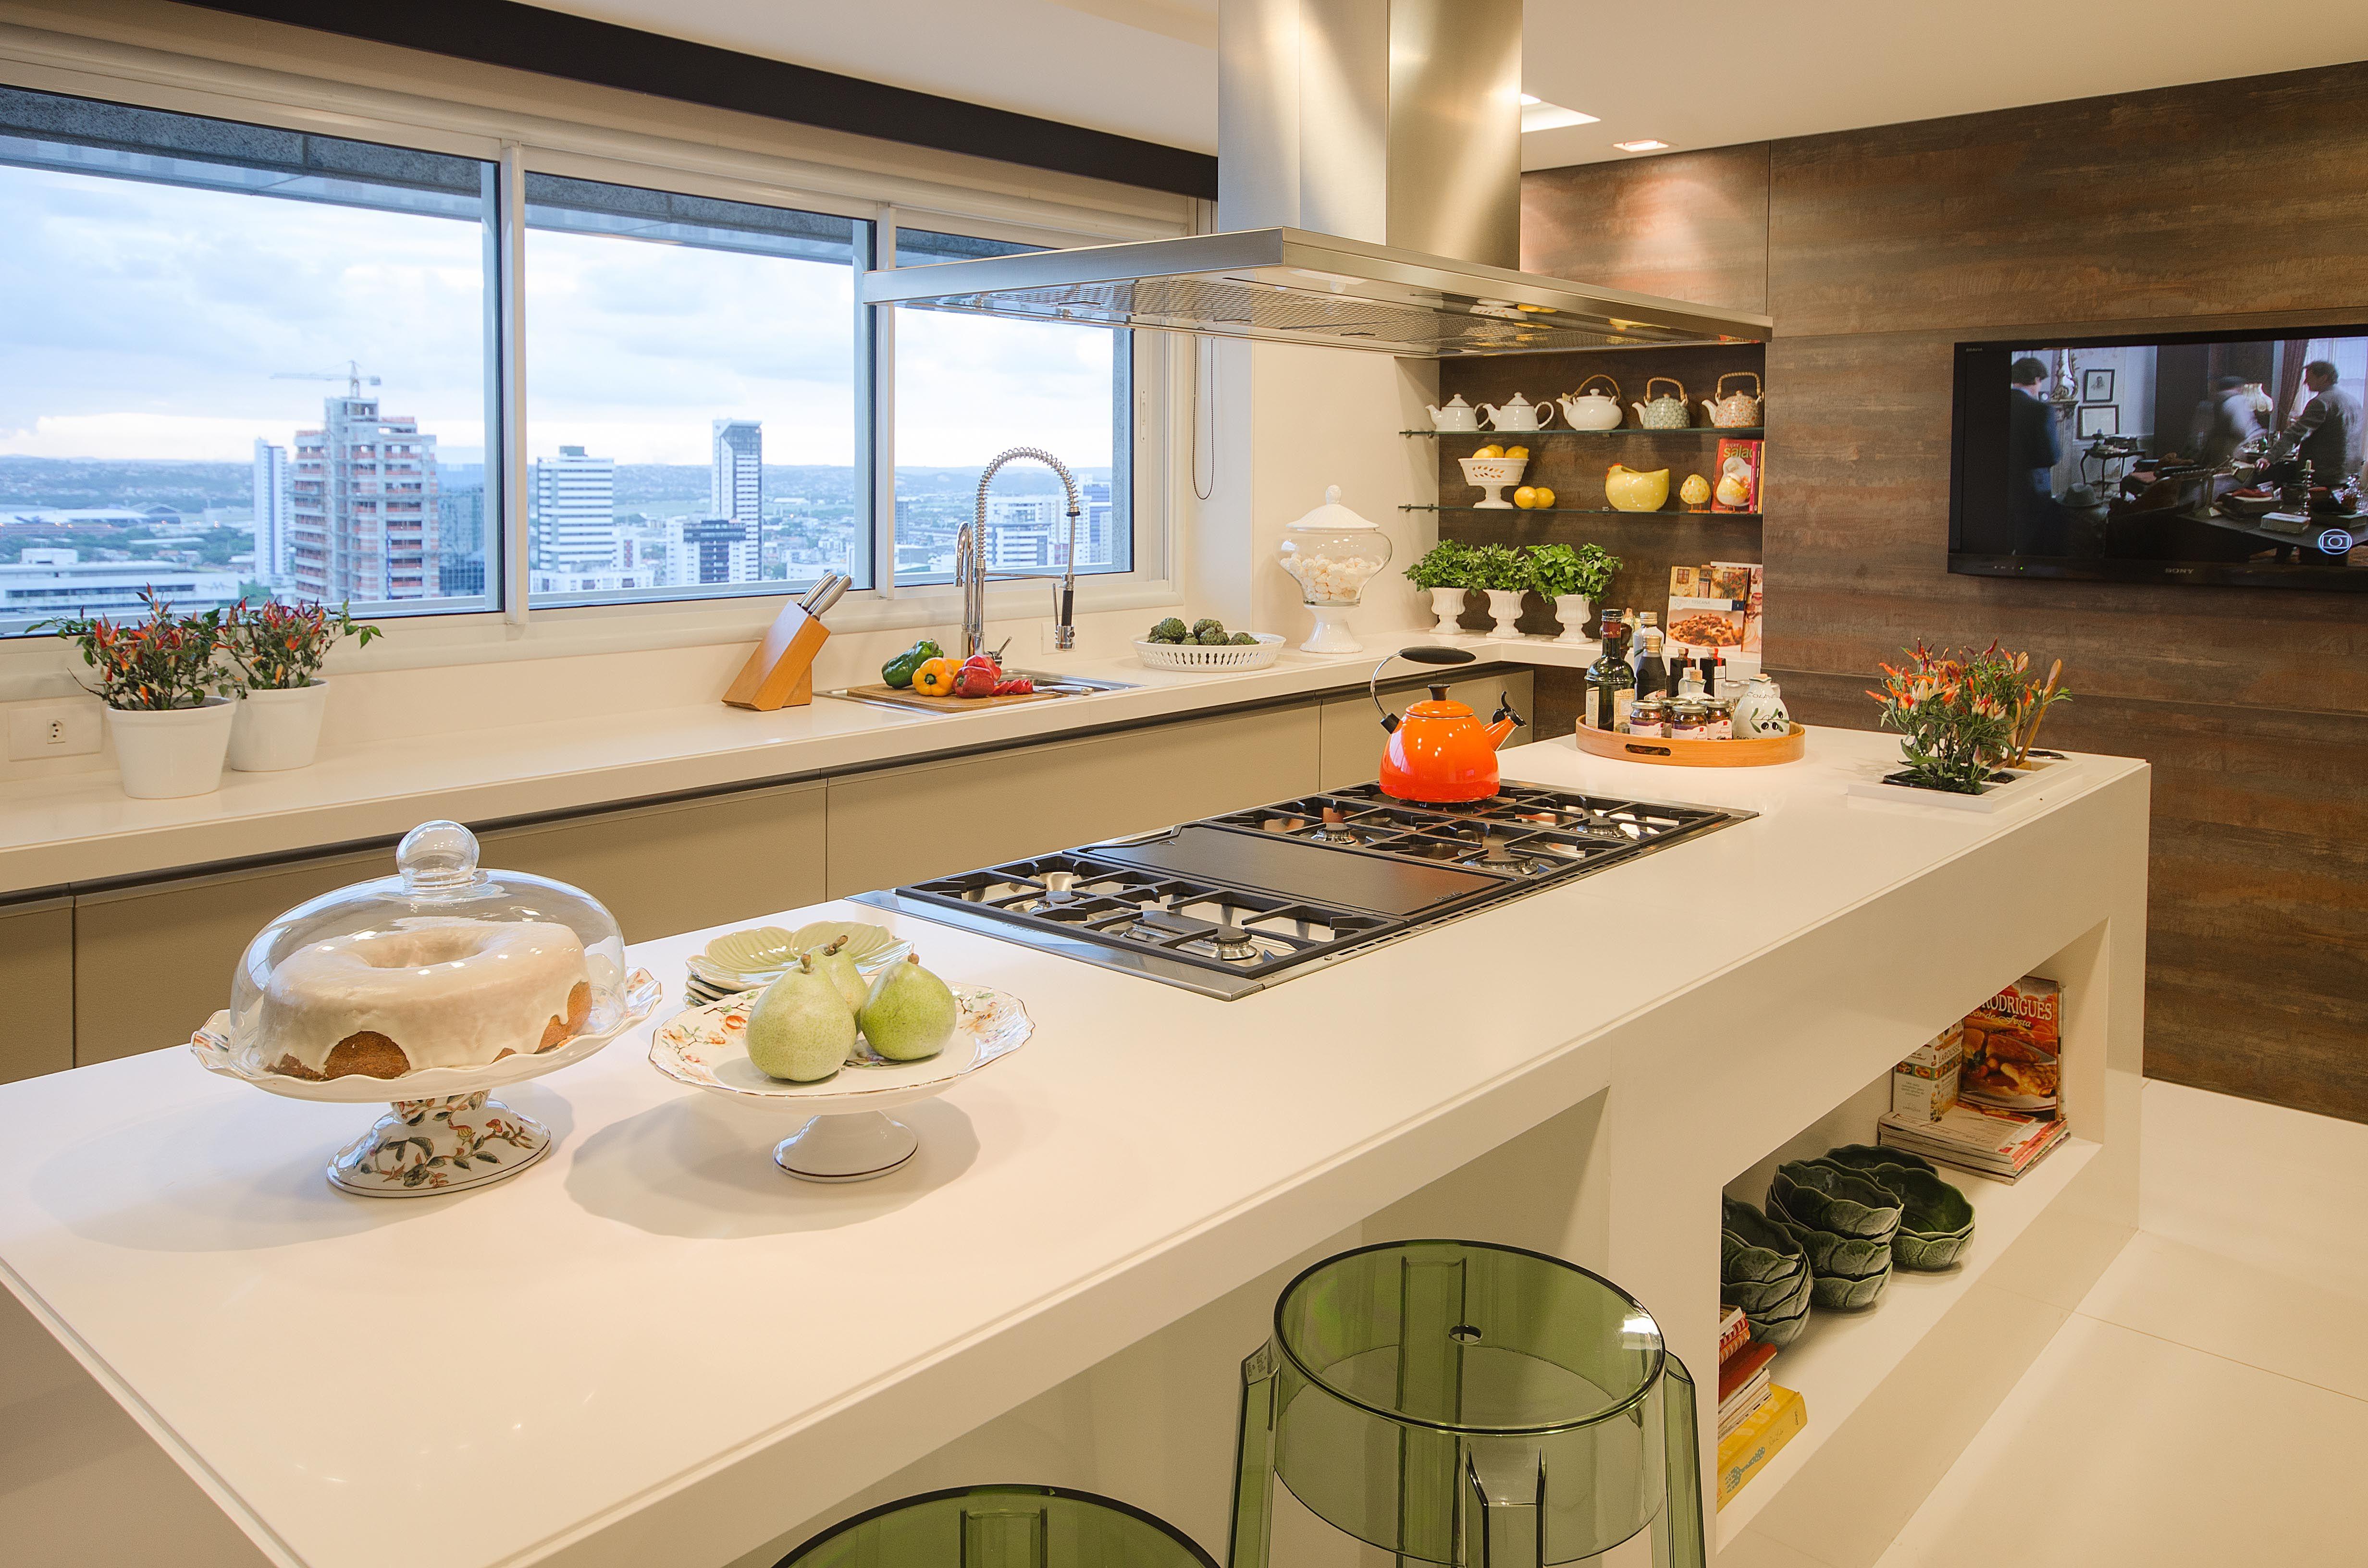 #A56826 cozinhas com ilha marcia nejaim 4928x3264 px Altura Ideal Para Balcão De Cozinha Americana #1775 imagens